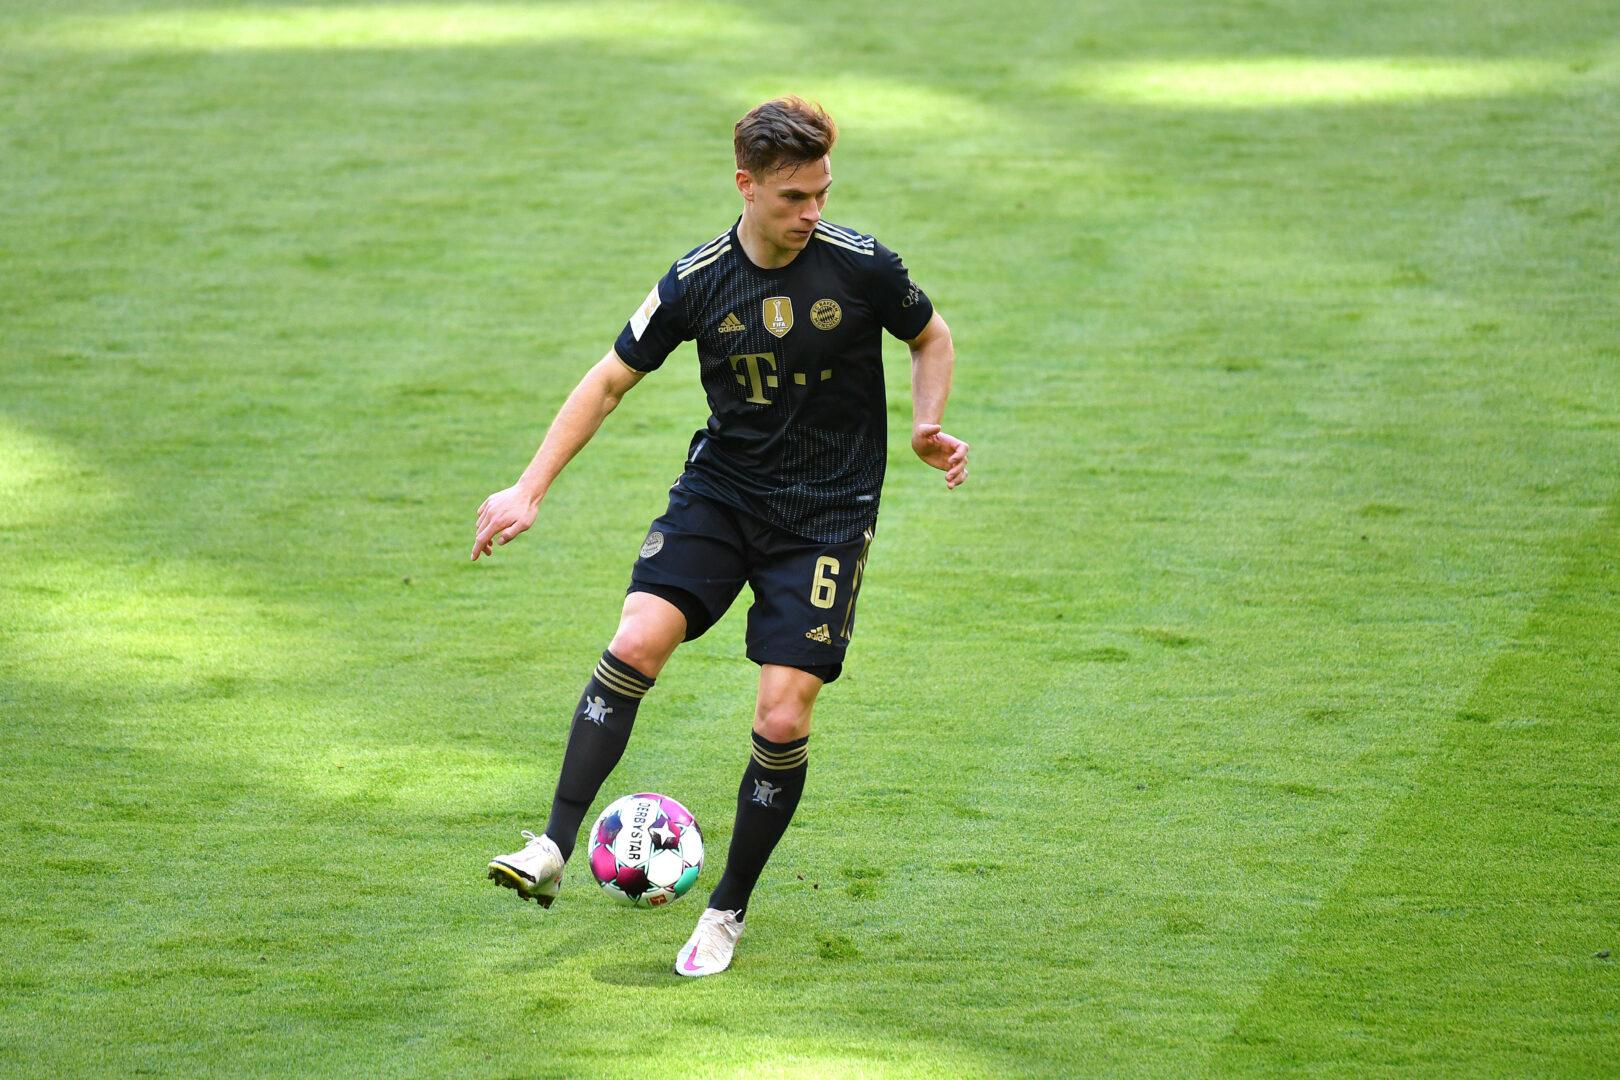 Bestätigt: Joshua Kimmich verlängert Vertrag beim FC Bayern!